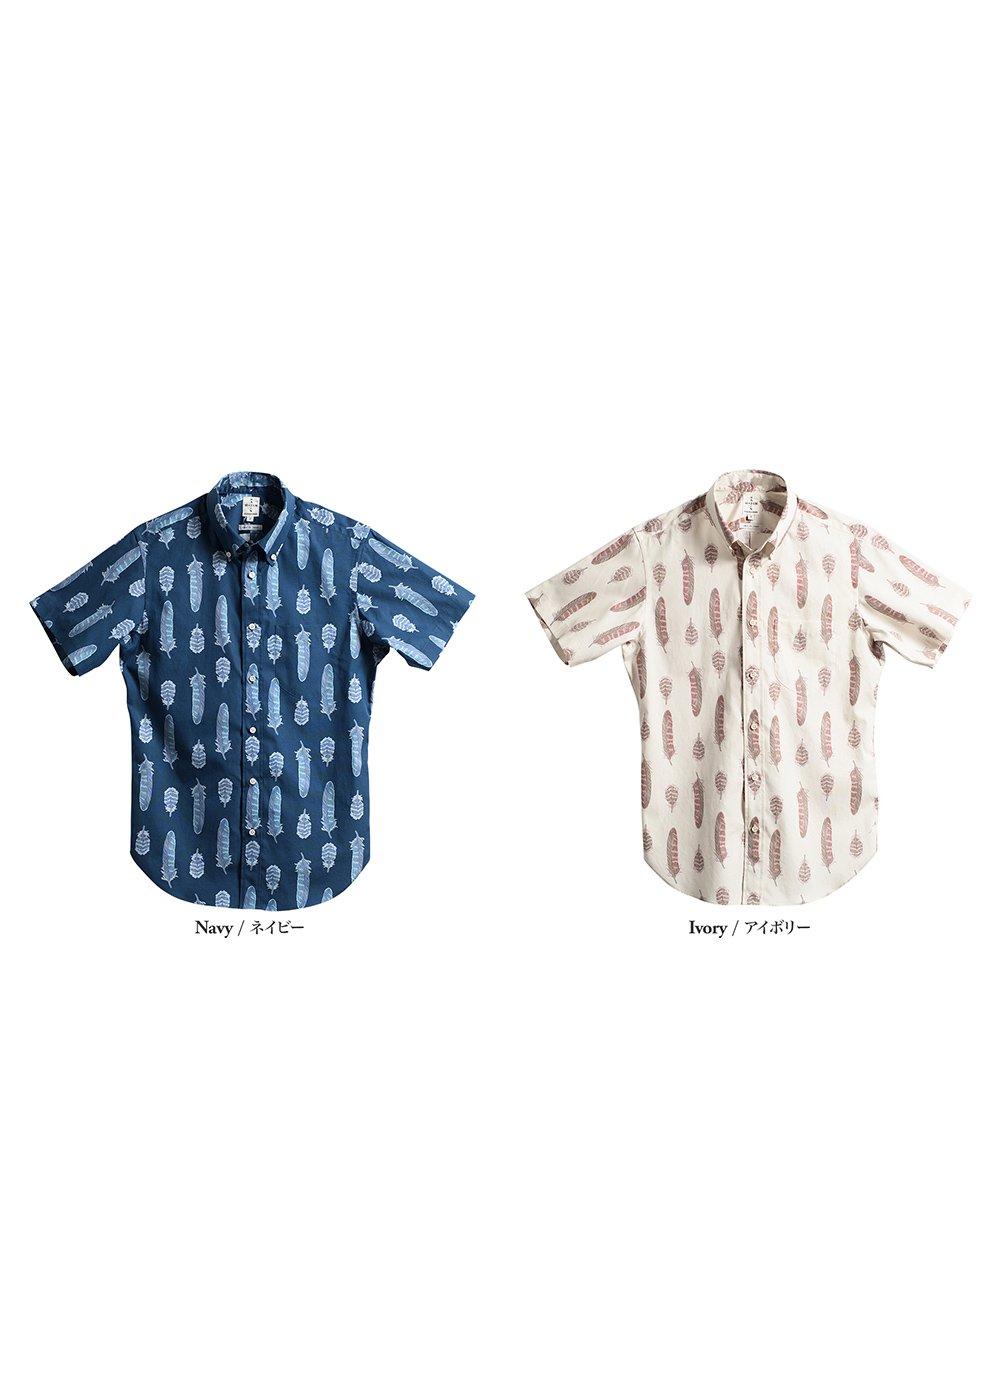 かりゆしウェア(沖縄版アロハシャツ) MAJUN - ヤンバルクイナノ羽根